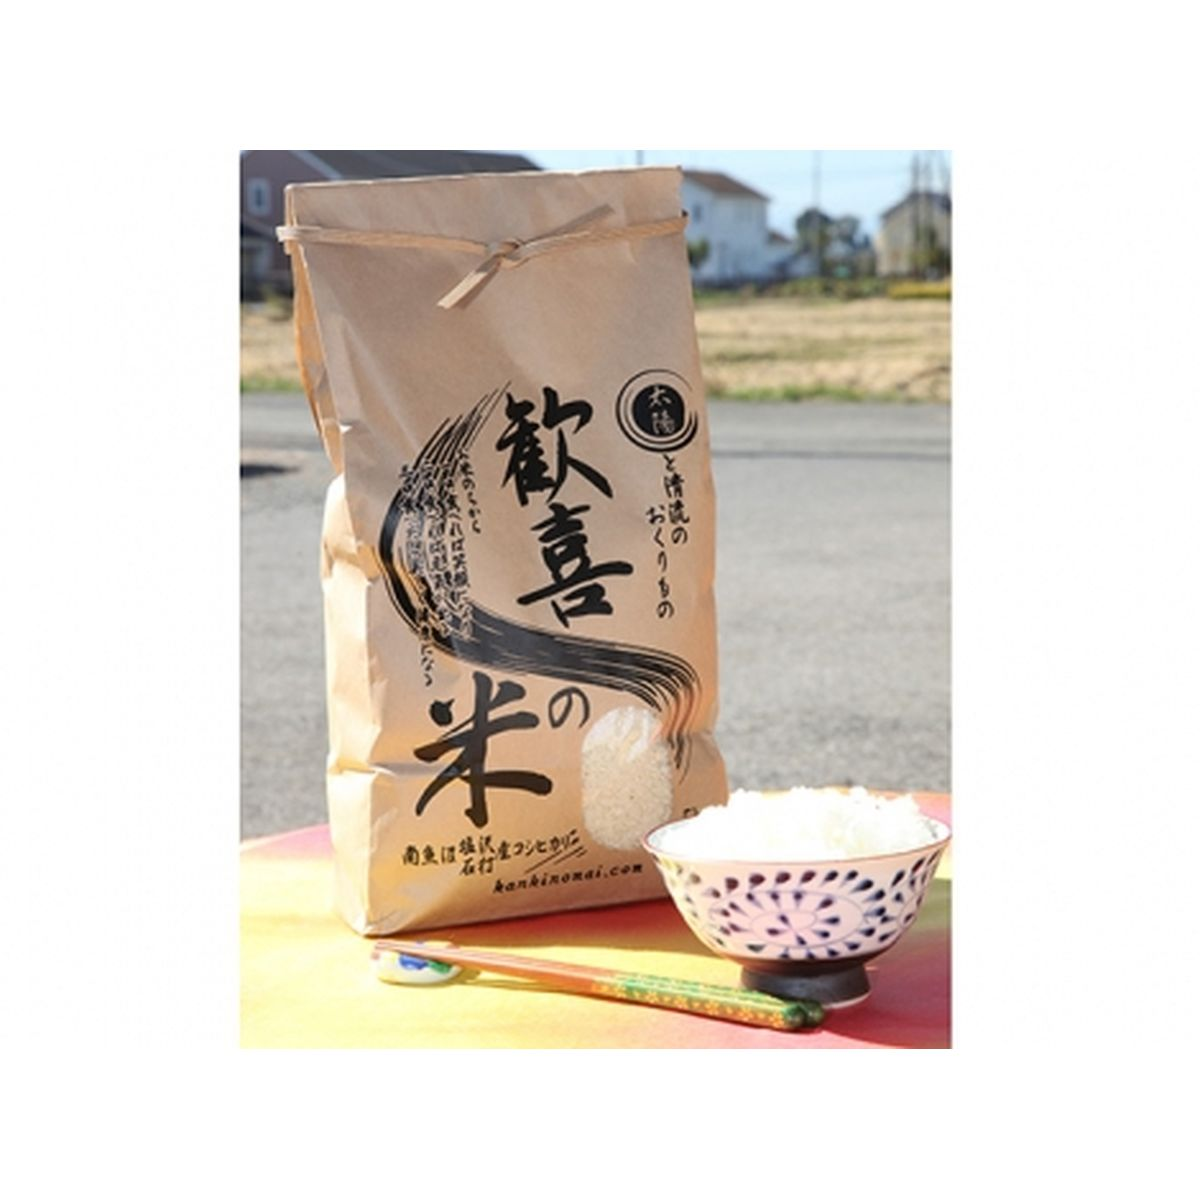 【送料無料】川辺コーポレーション 南魚沼産 令和2年産 「特A」プレミアム歓喜の米 コシヒカリ2kg